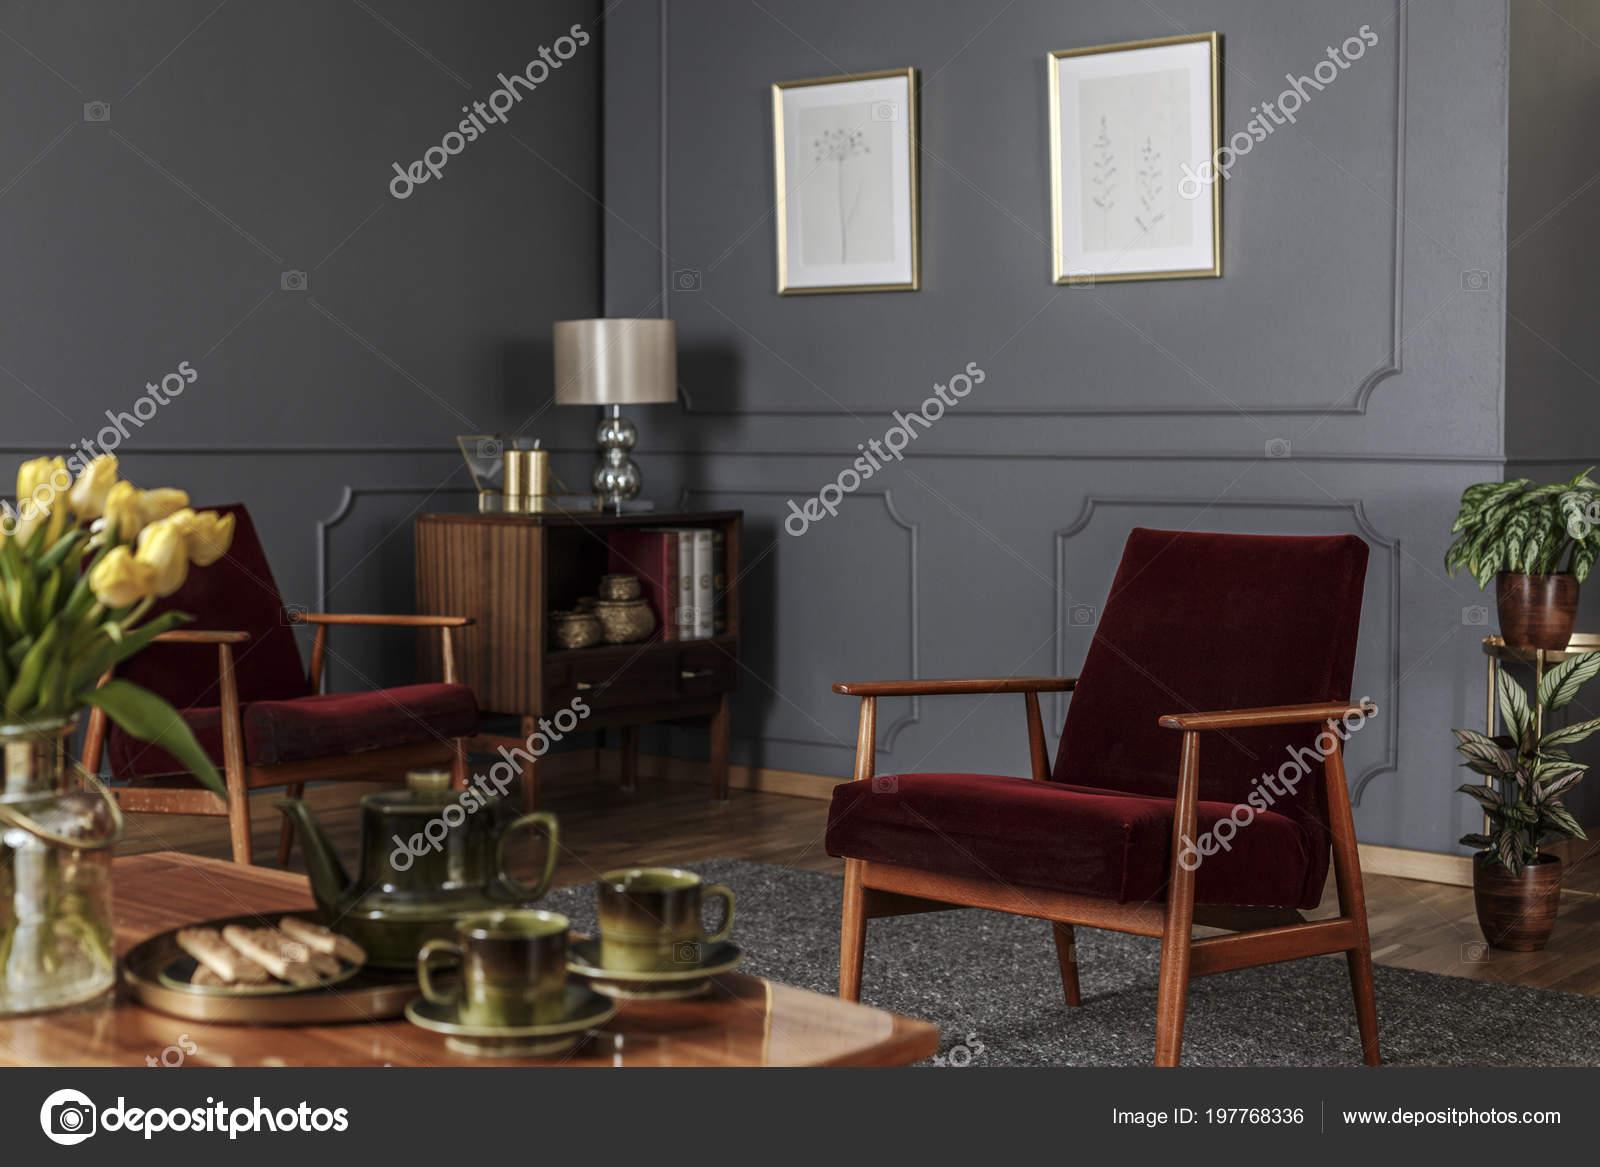 Posters grijs muur met molding woonkamer interieur met rode houten